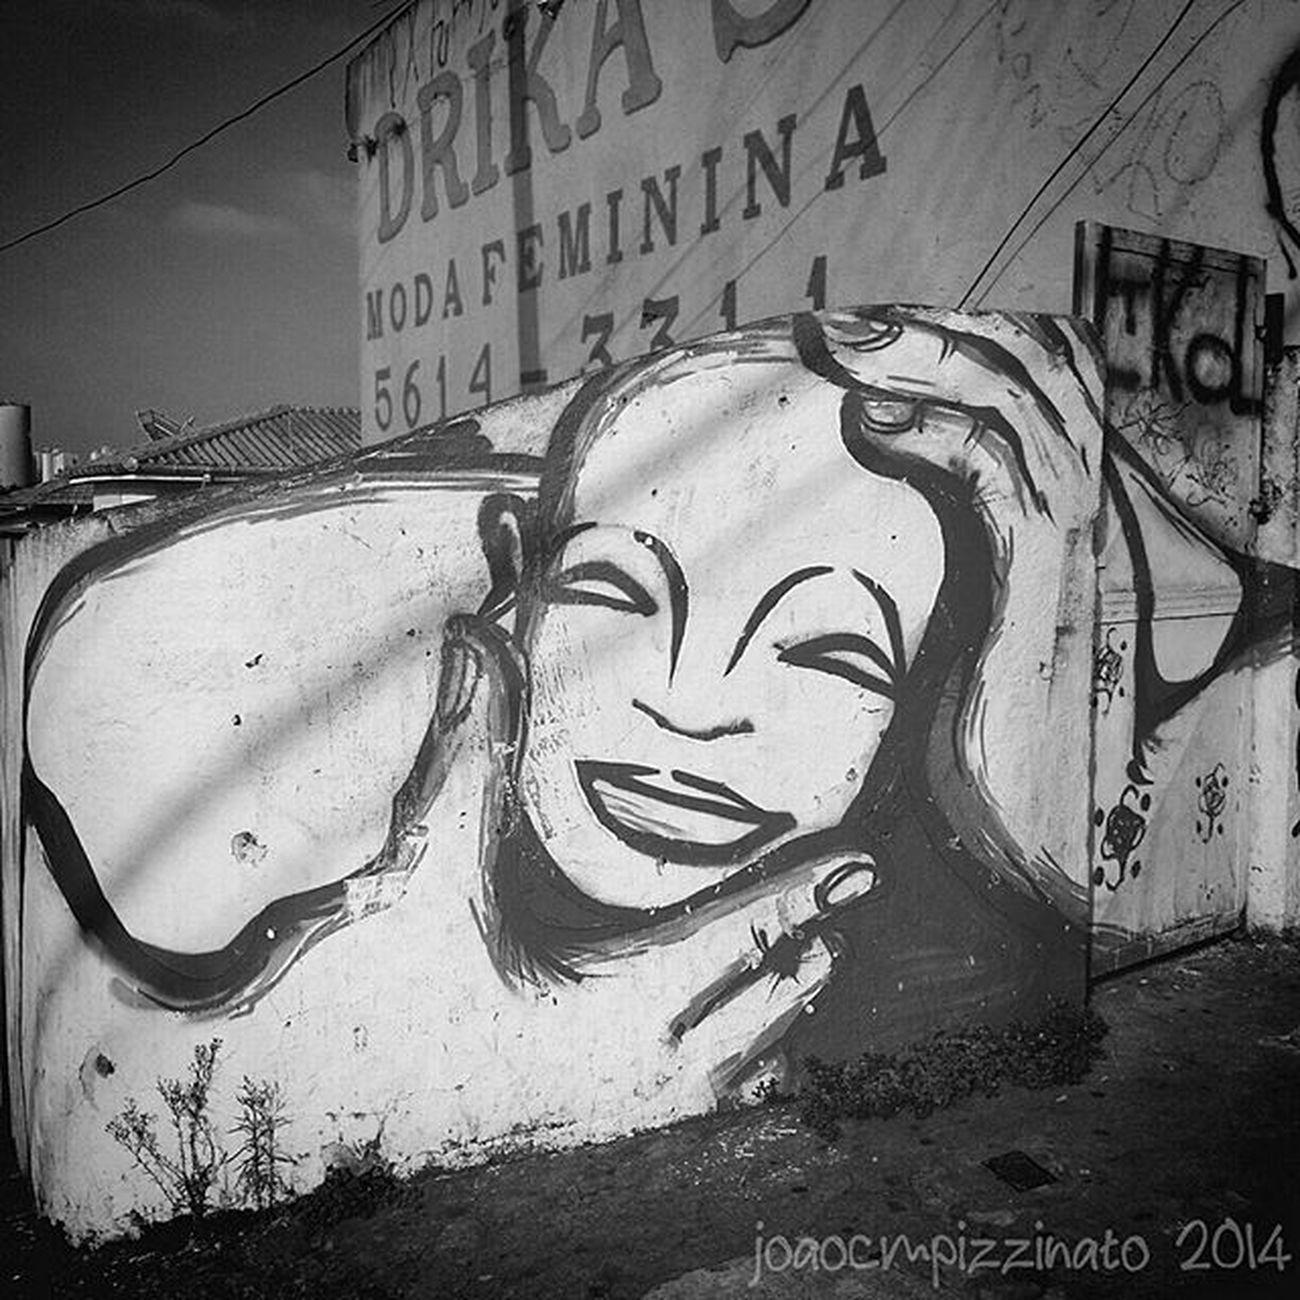 Graffiti Graffitiart Streetart UrbanART Streetphoto_brasil Ig_contrast_bnw Amateurs_bnw Bnwmood Bnw_kings Bnw_planet Bnw_captures Top_bnw Paulistanobw Bnw_lombardia Instapicten Top_bnw_photo Urbexbrasil Urbexsp Mundoruasp Olhonaruasp Flaming_abstracts